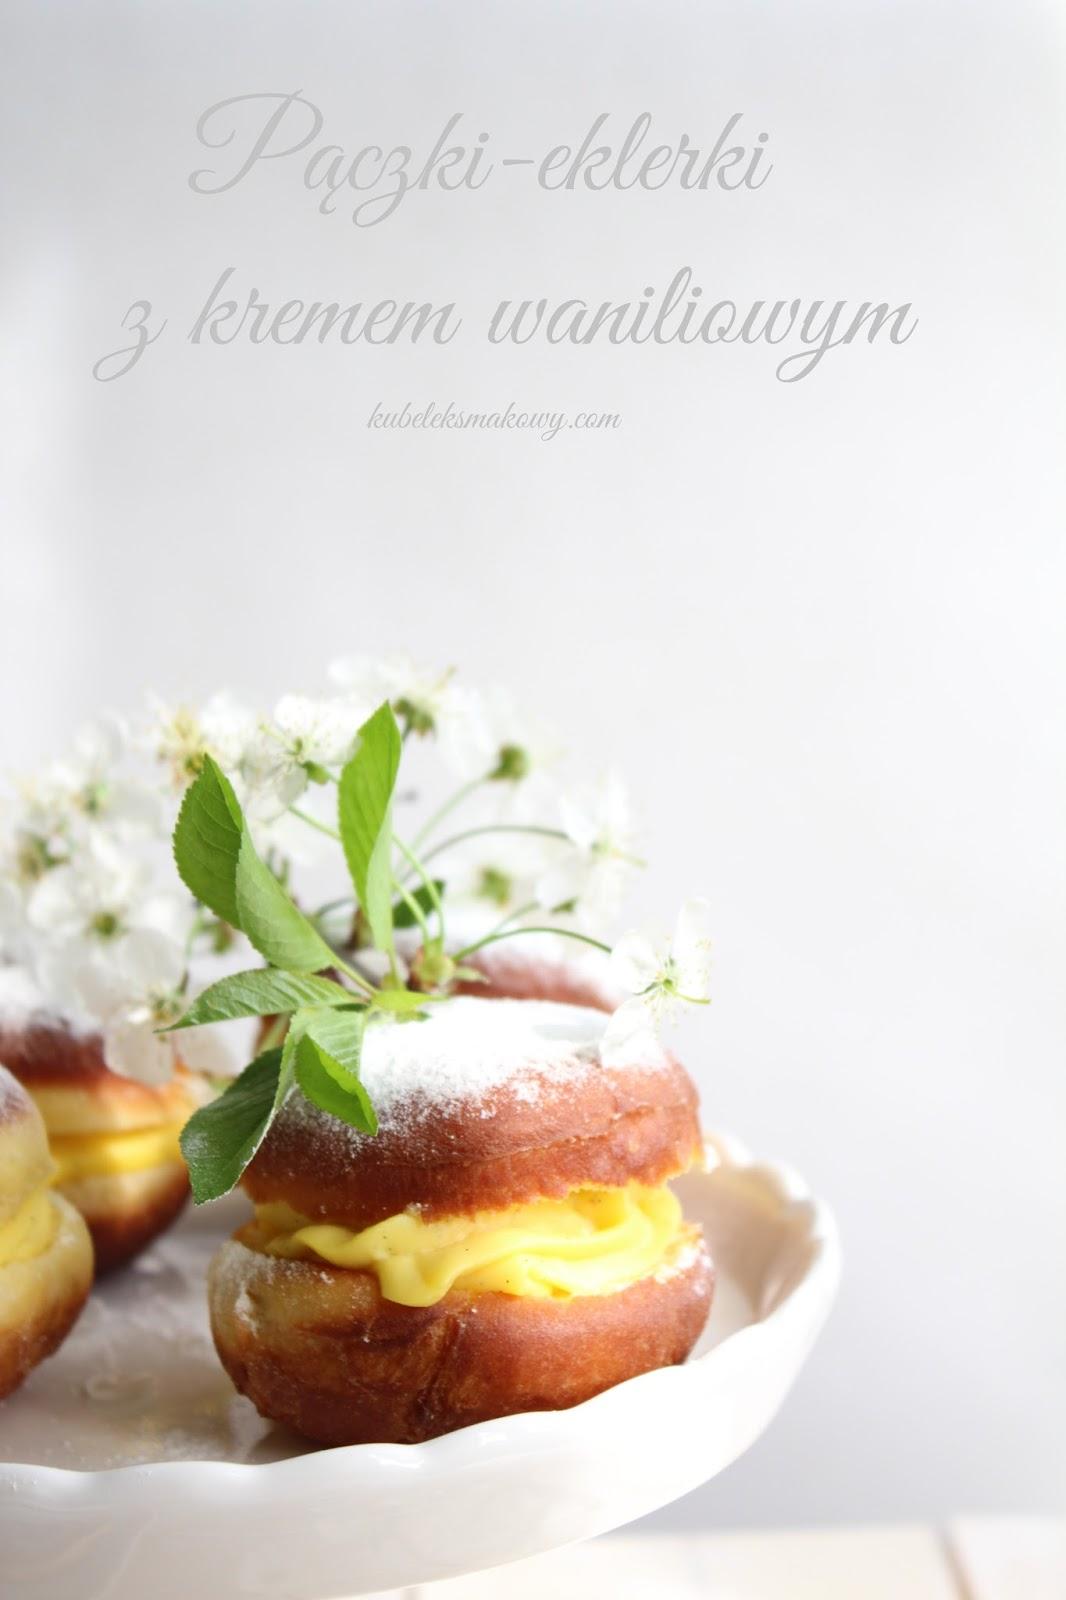 pączki eklerki z kremem waniliowym